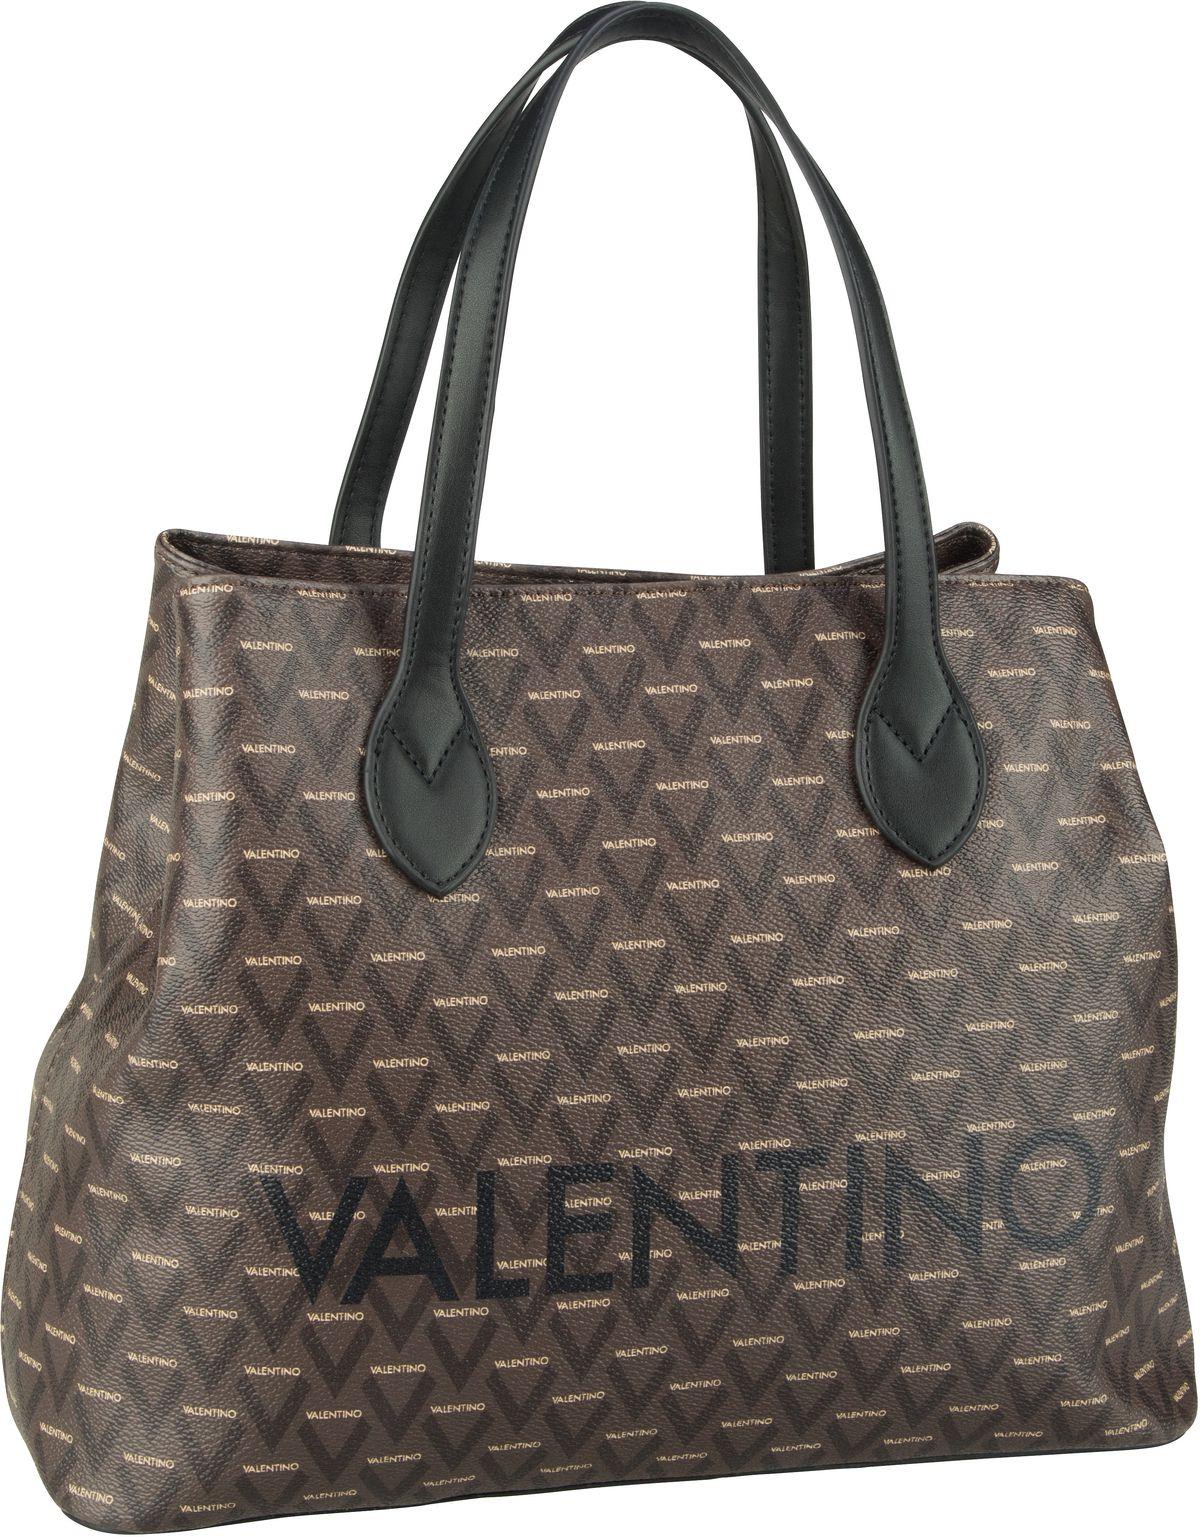 Bags Handtasche Liuto Shopping G02 Nero/Multicolor